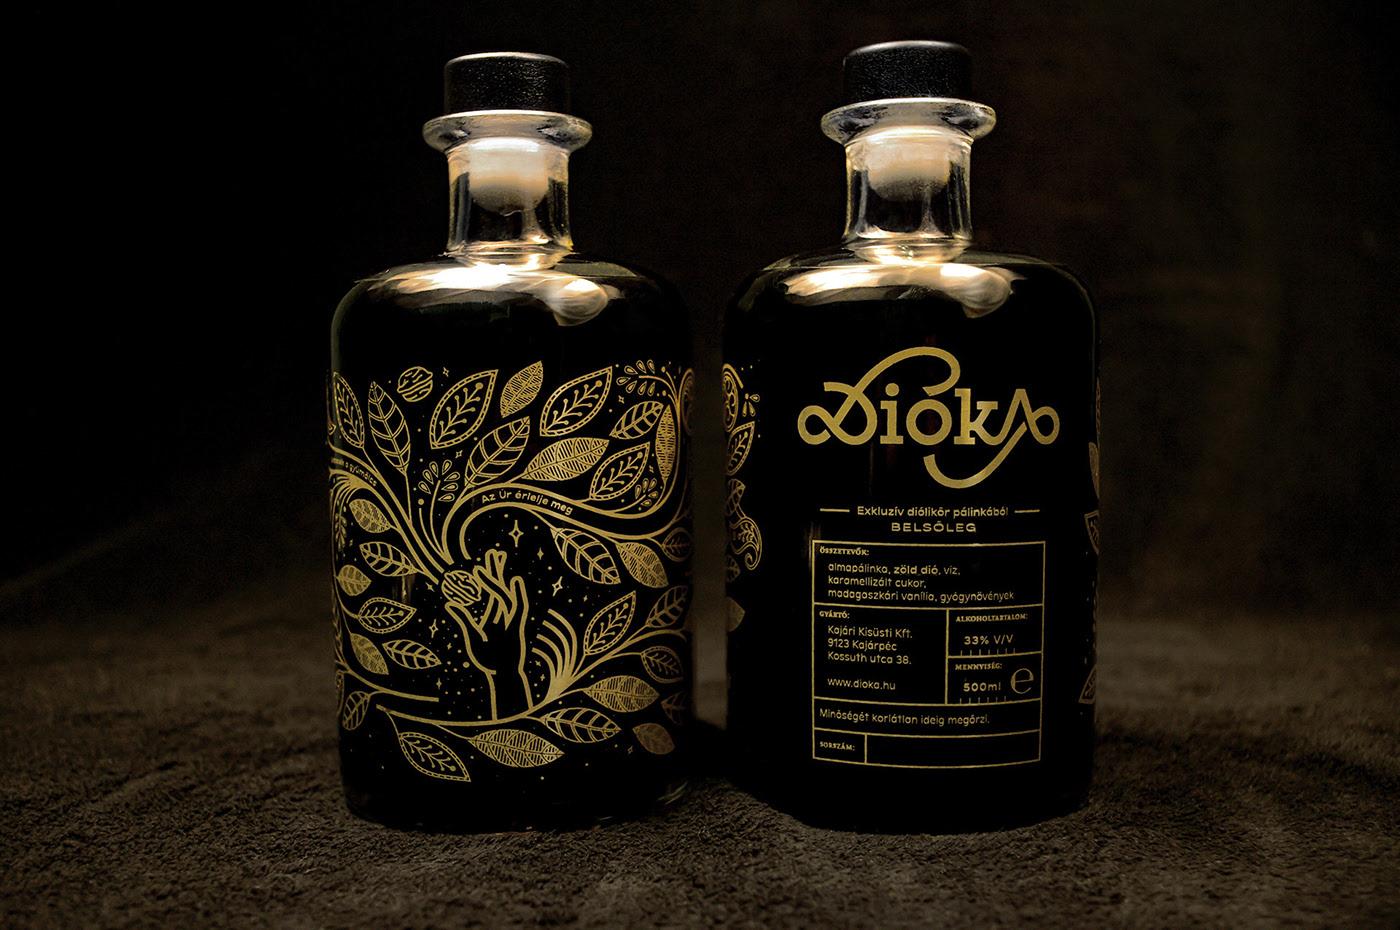 北京包装设计分享| 匈牙利核桃酒黄金包装设计欣赏